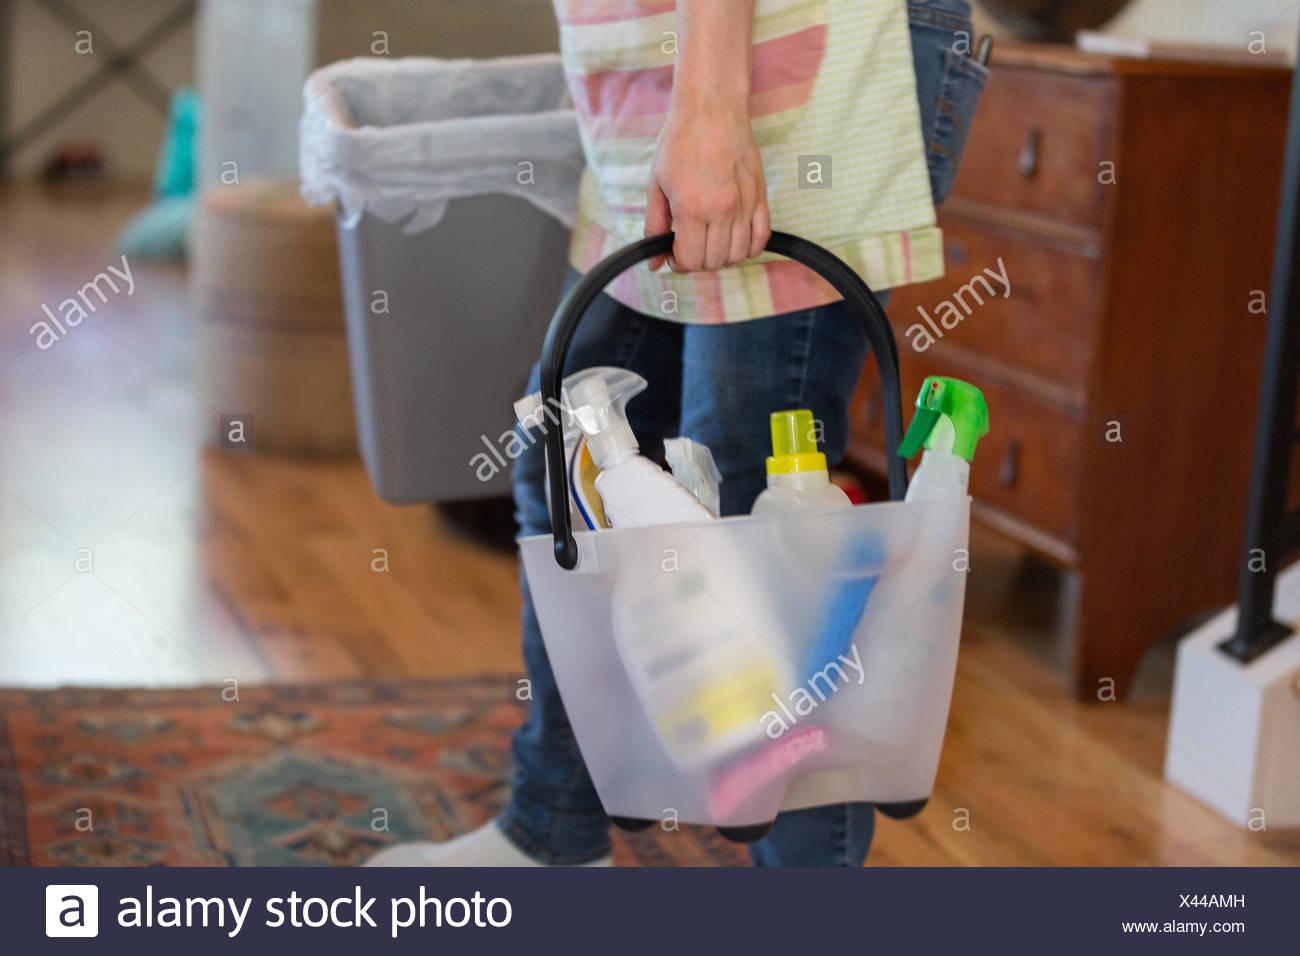 Giovane donna pulizia casalinga con verde di prodotti per la pulizia Immagini Stock